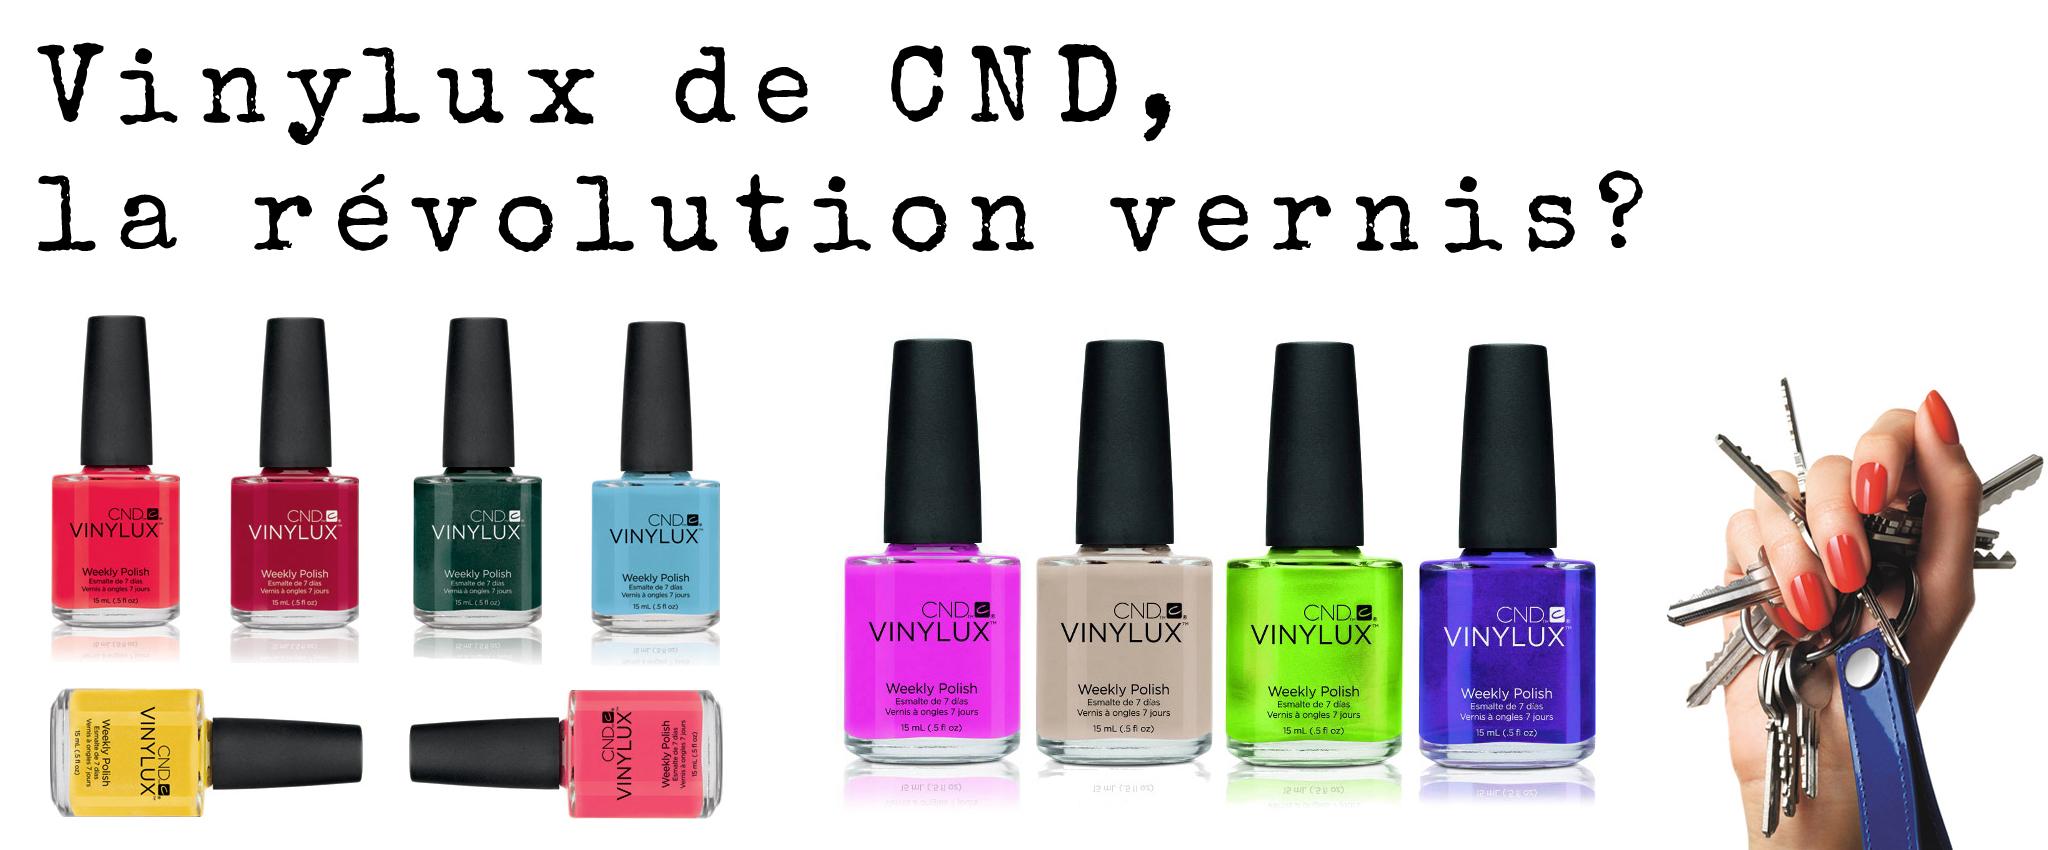 Vinylux de CND, la révolution vernis?